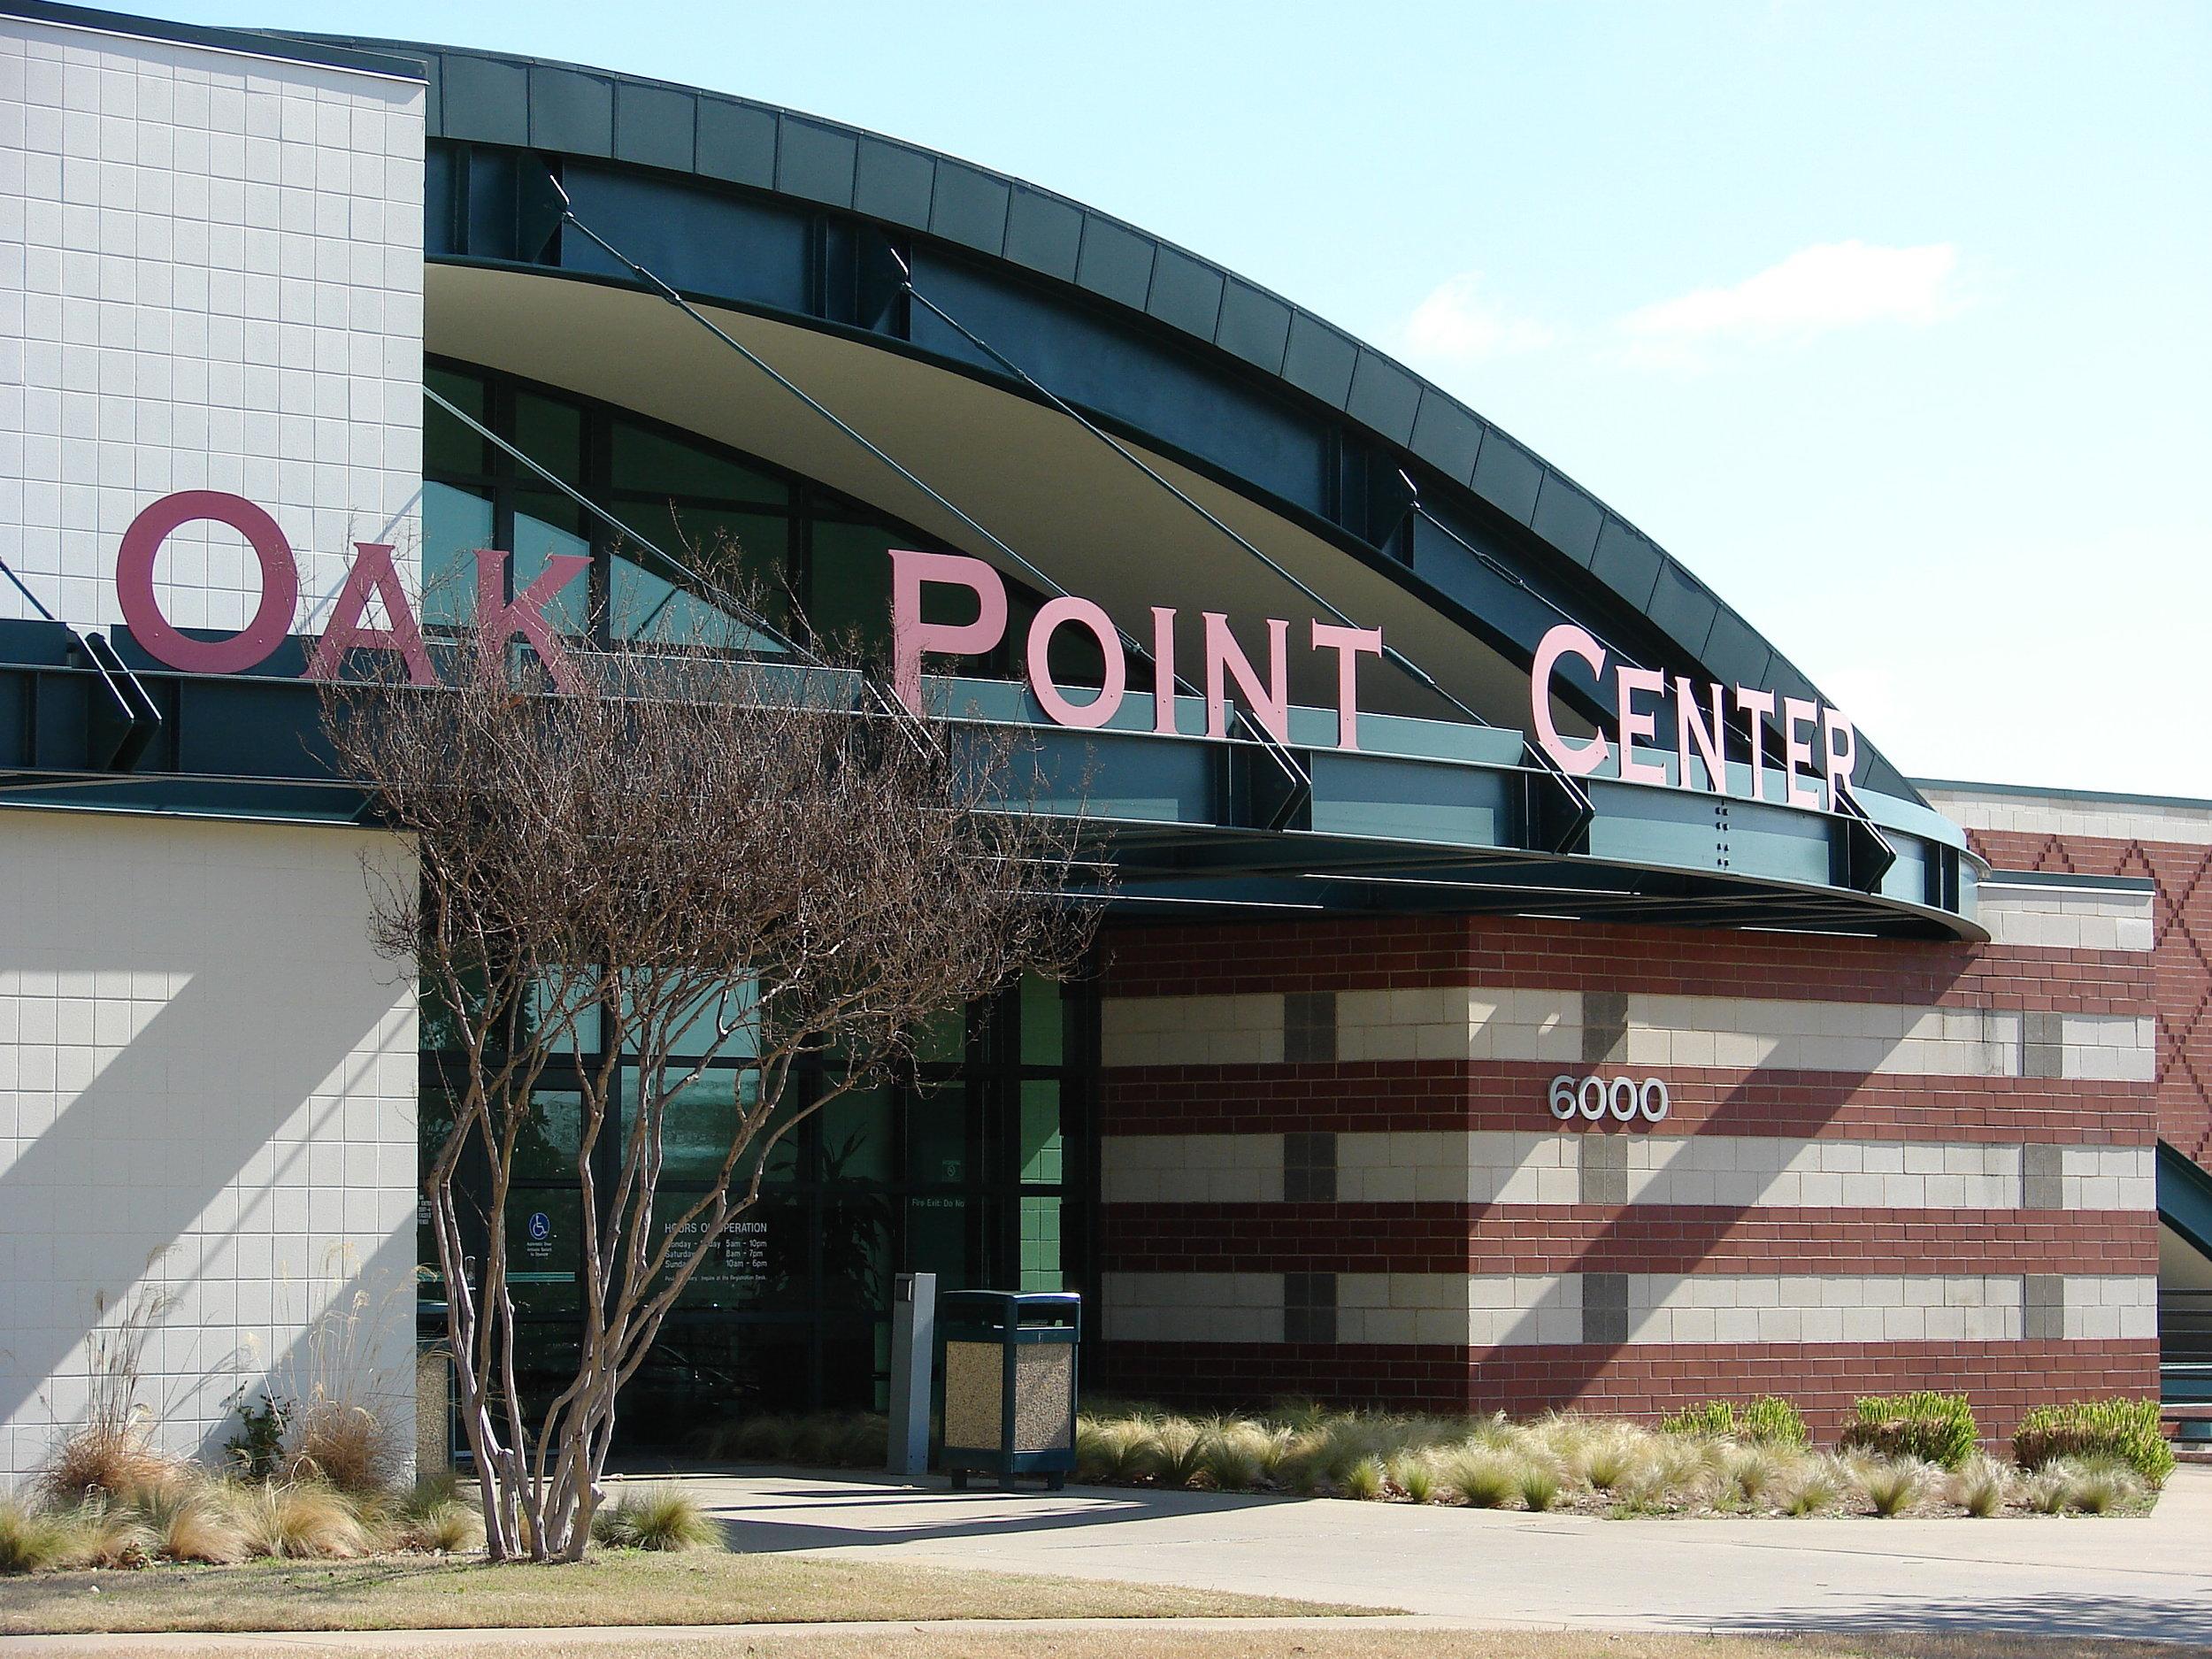 OakPointCenter-5057.jpg